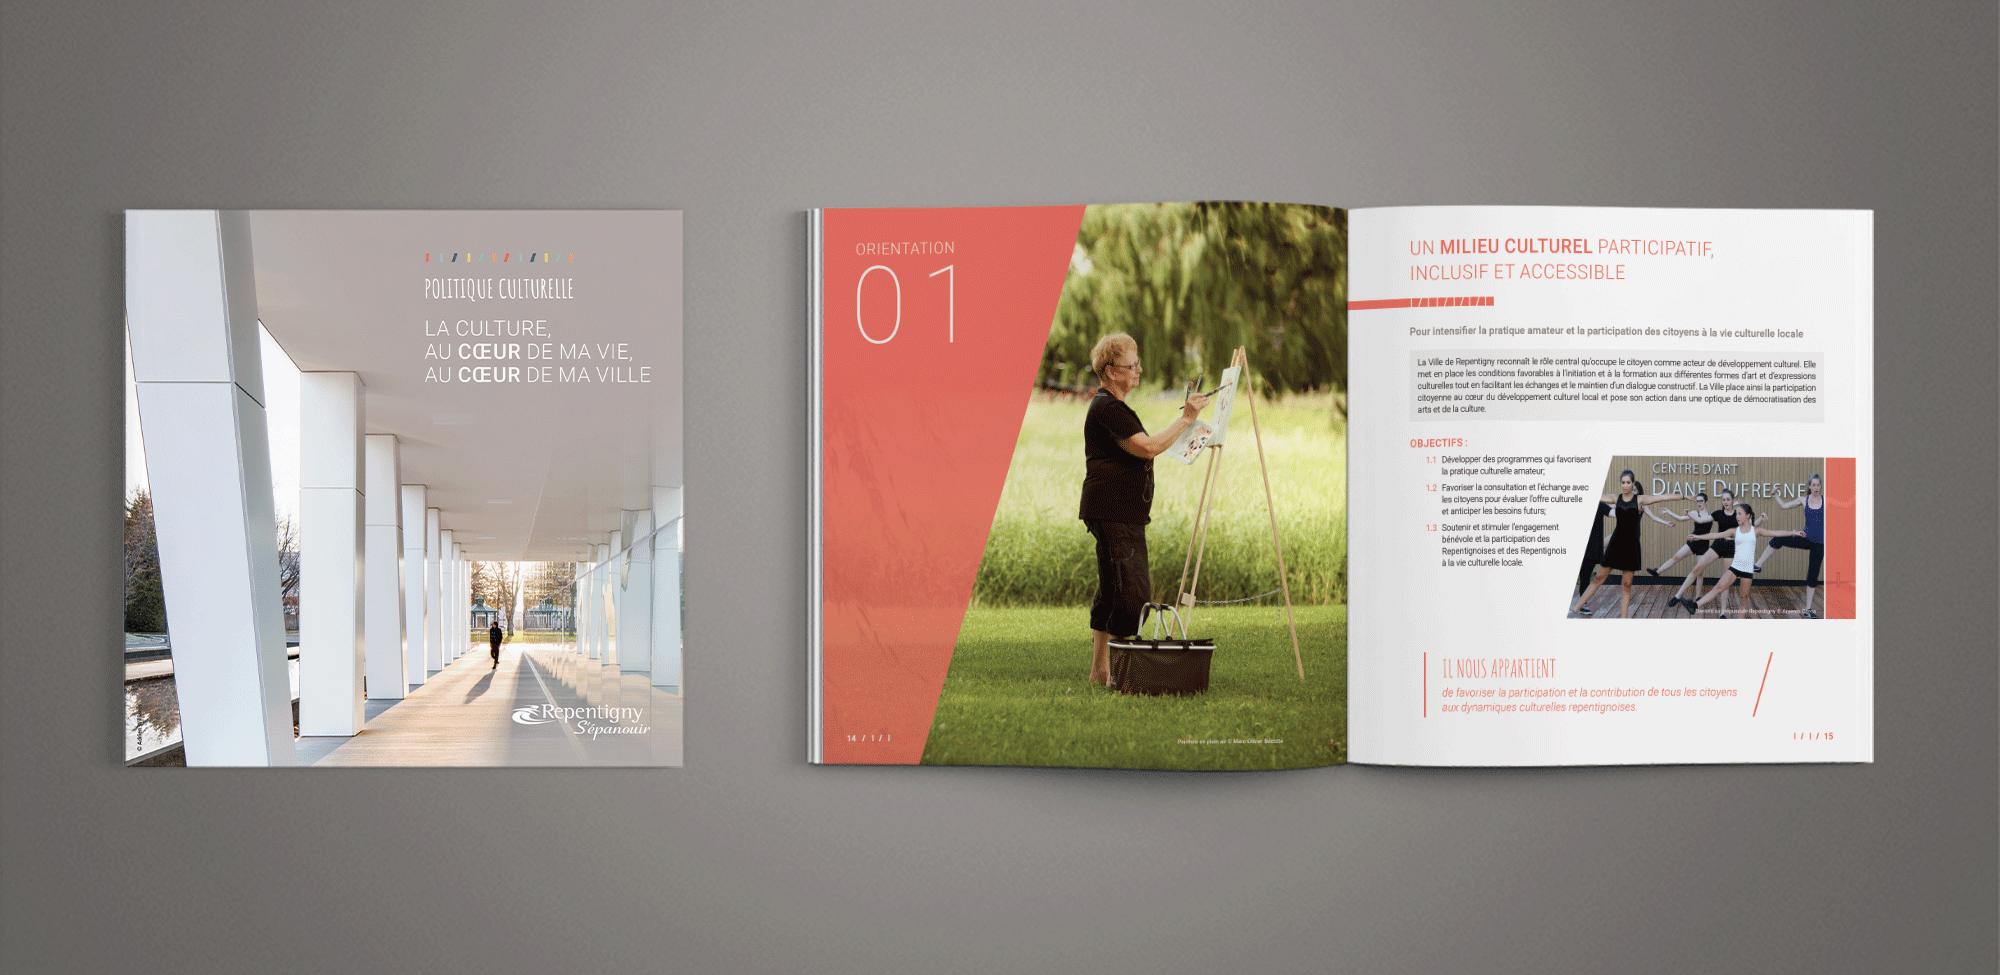 Repentigny - Brochure Politique culturelle